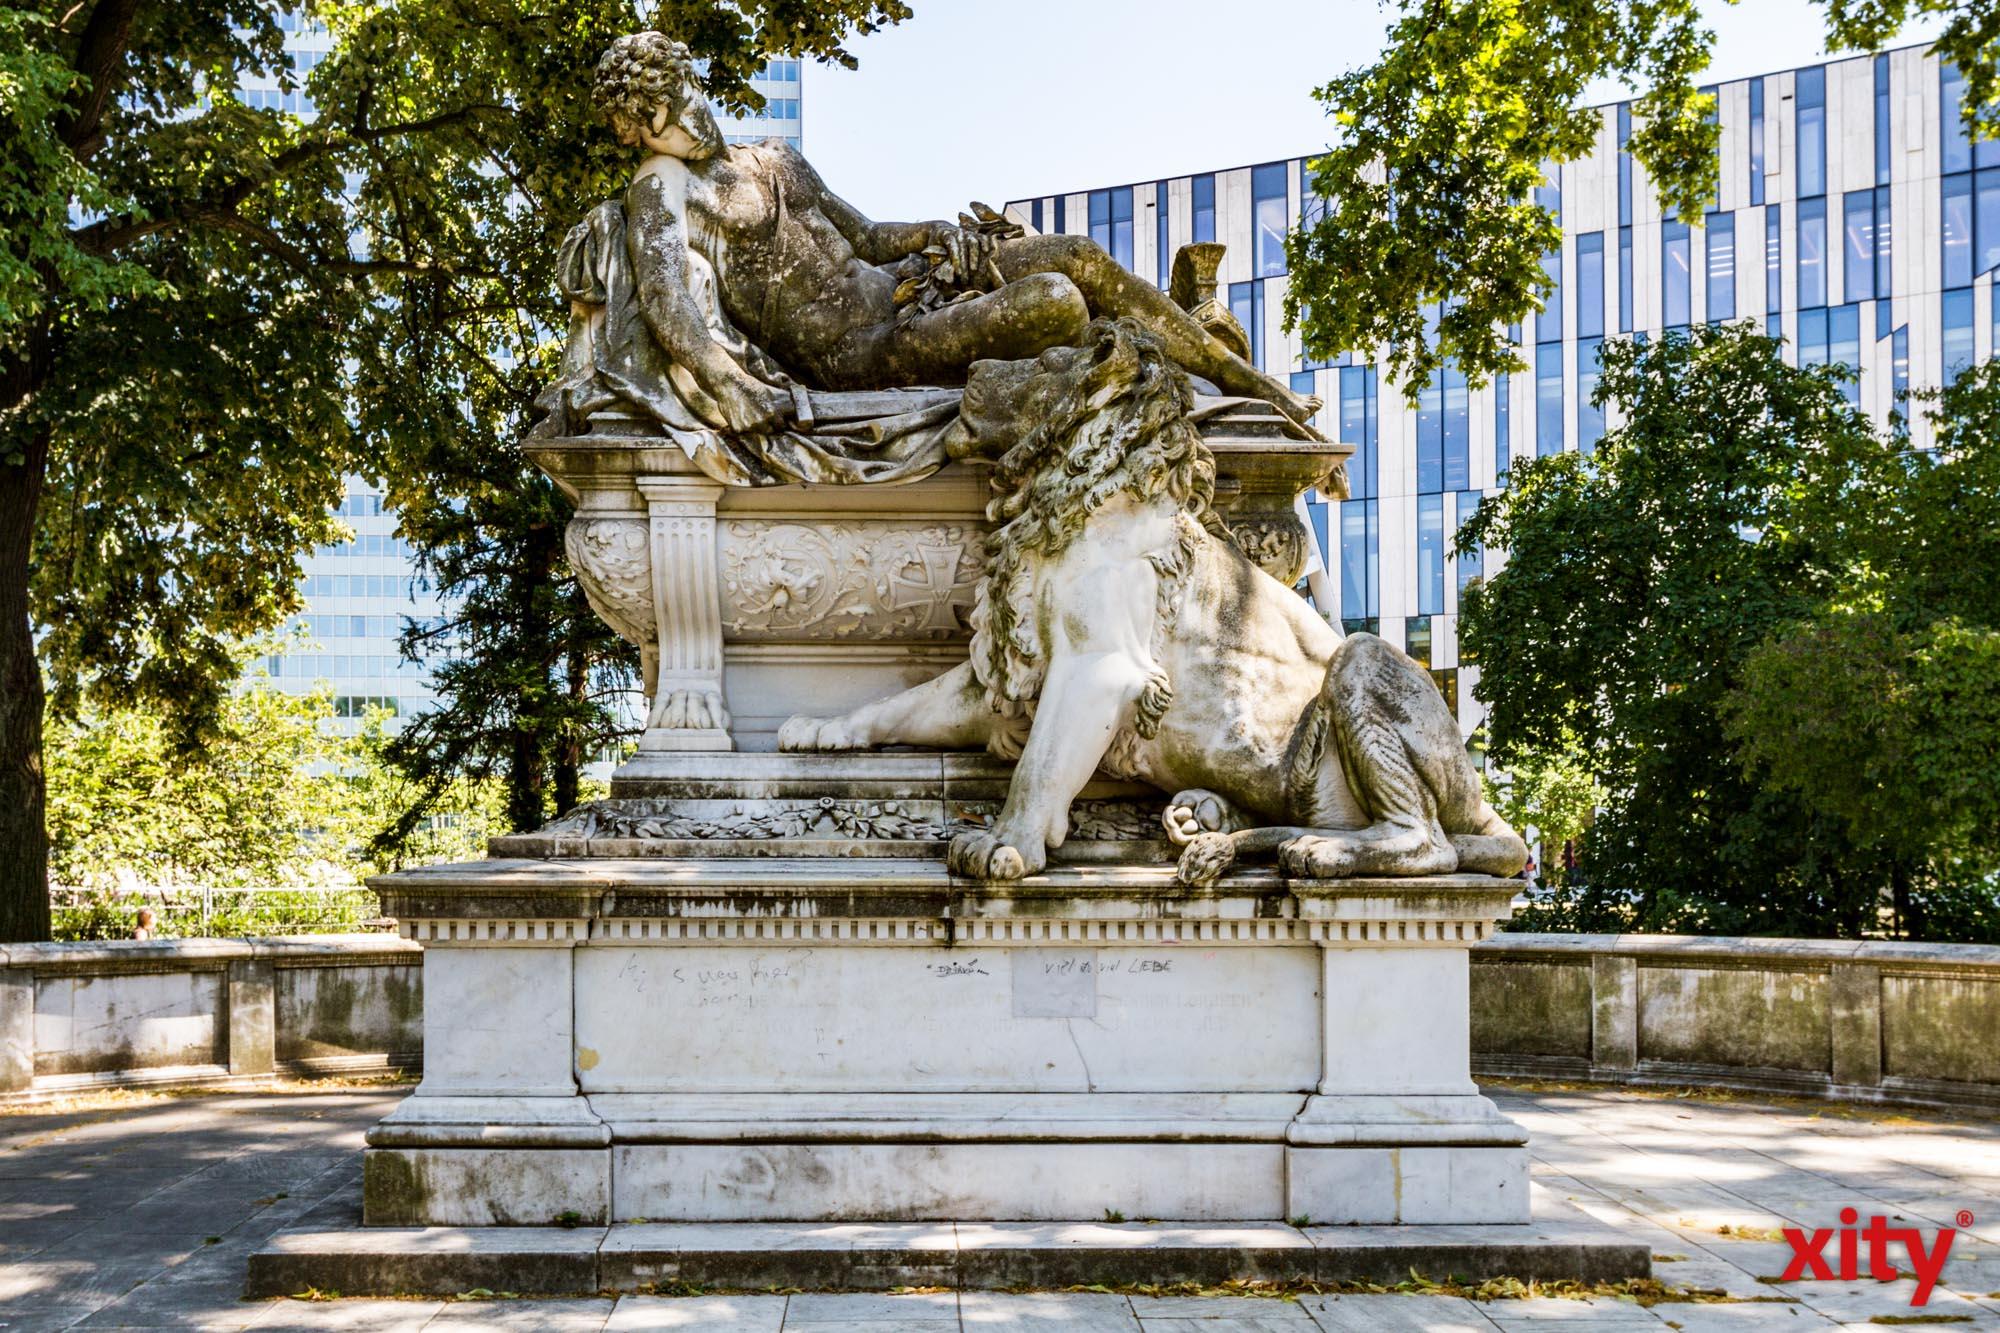 """Unter dem Titel """"Vergangenheit, Gegenwart und Zukunft des Hofgartens"""" gibt Tobias Lauterbach Einblicke in die vielfältige Gestaltung des Hofgartens (Foto: xity)"""